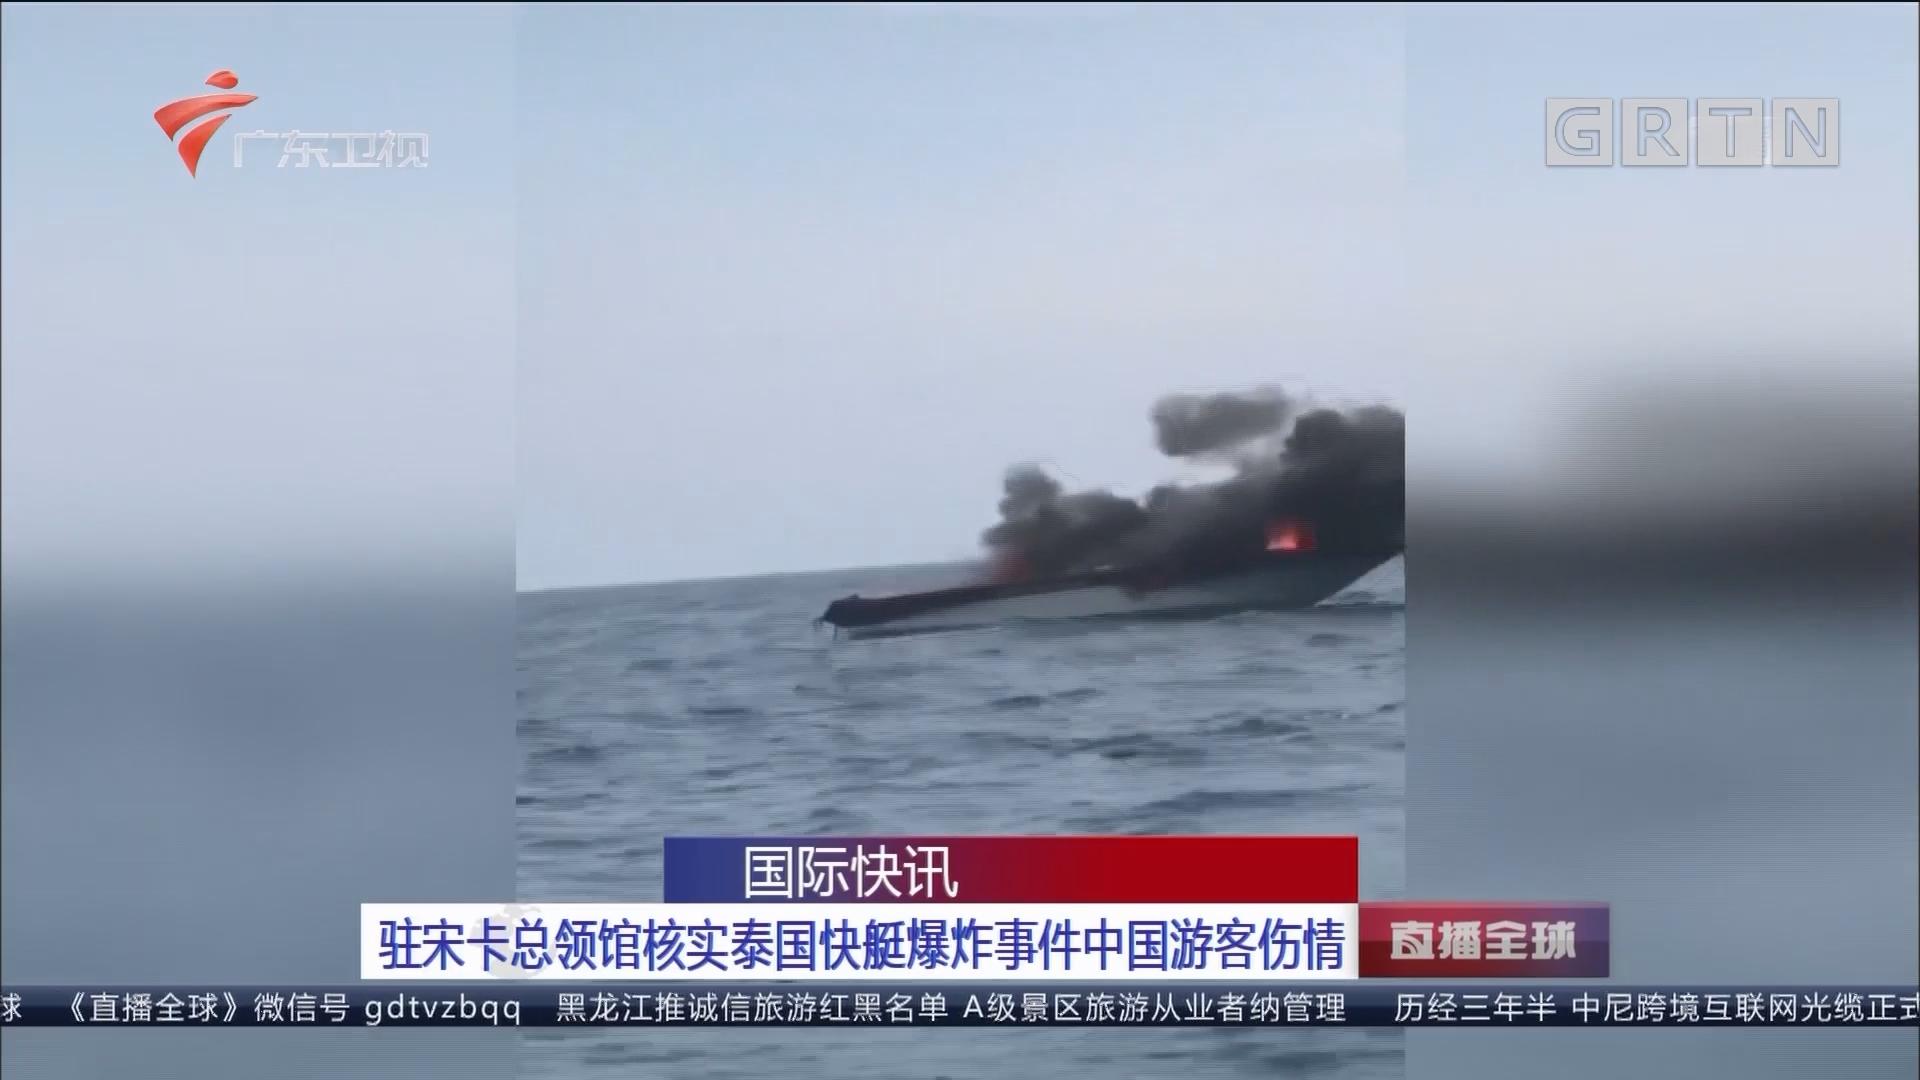 驻宋卡总领馆核实泰国快艇爆炸事件中国游客伤情